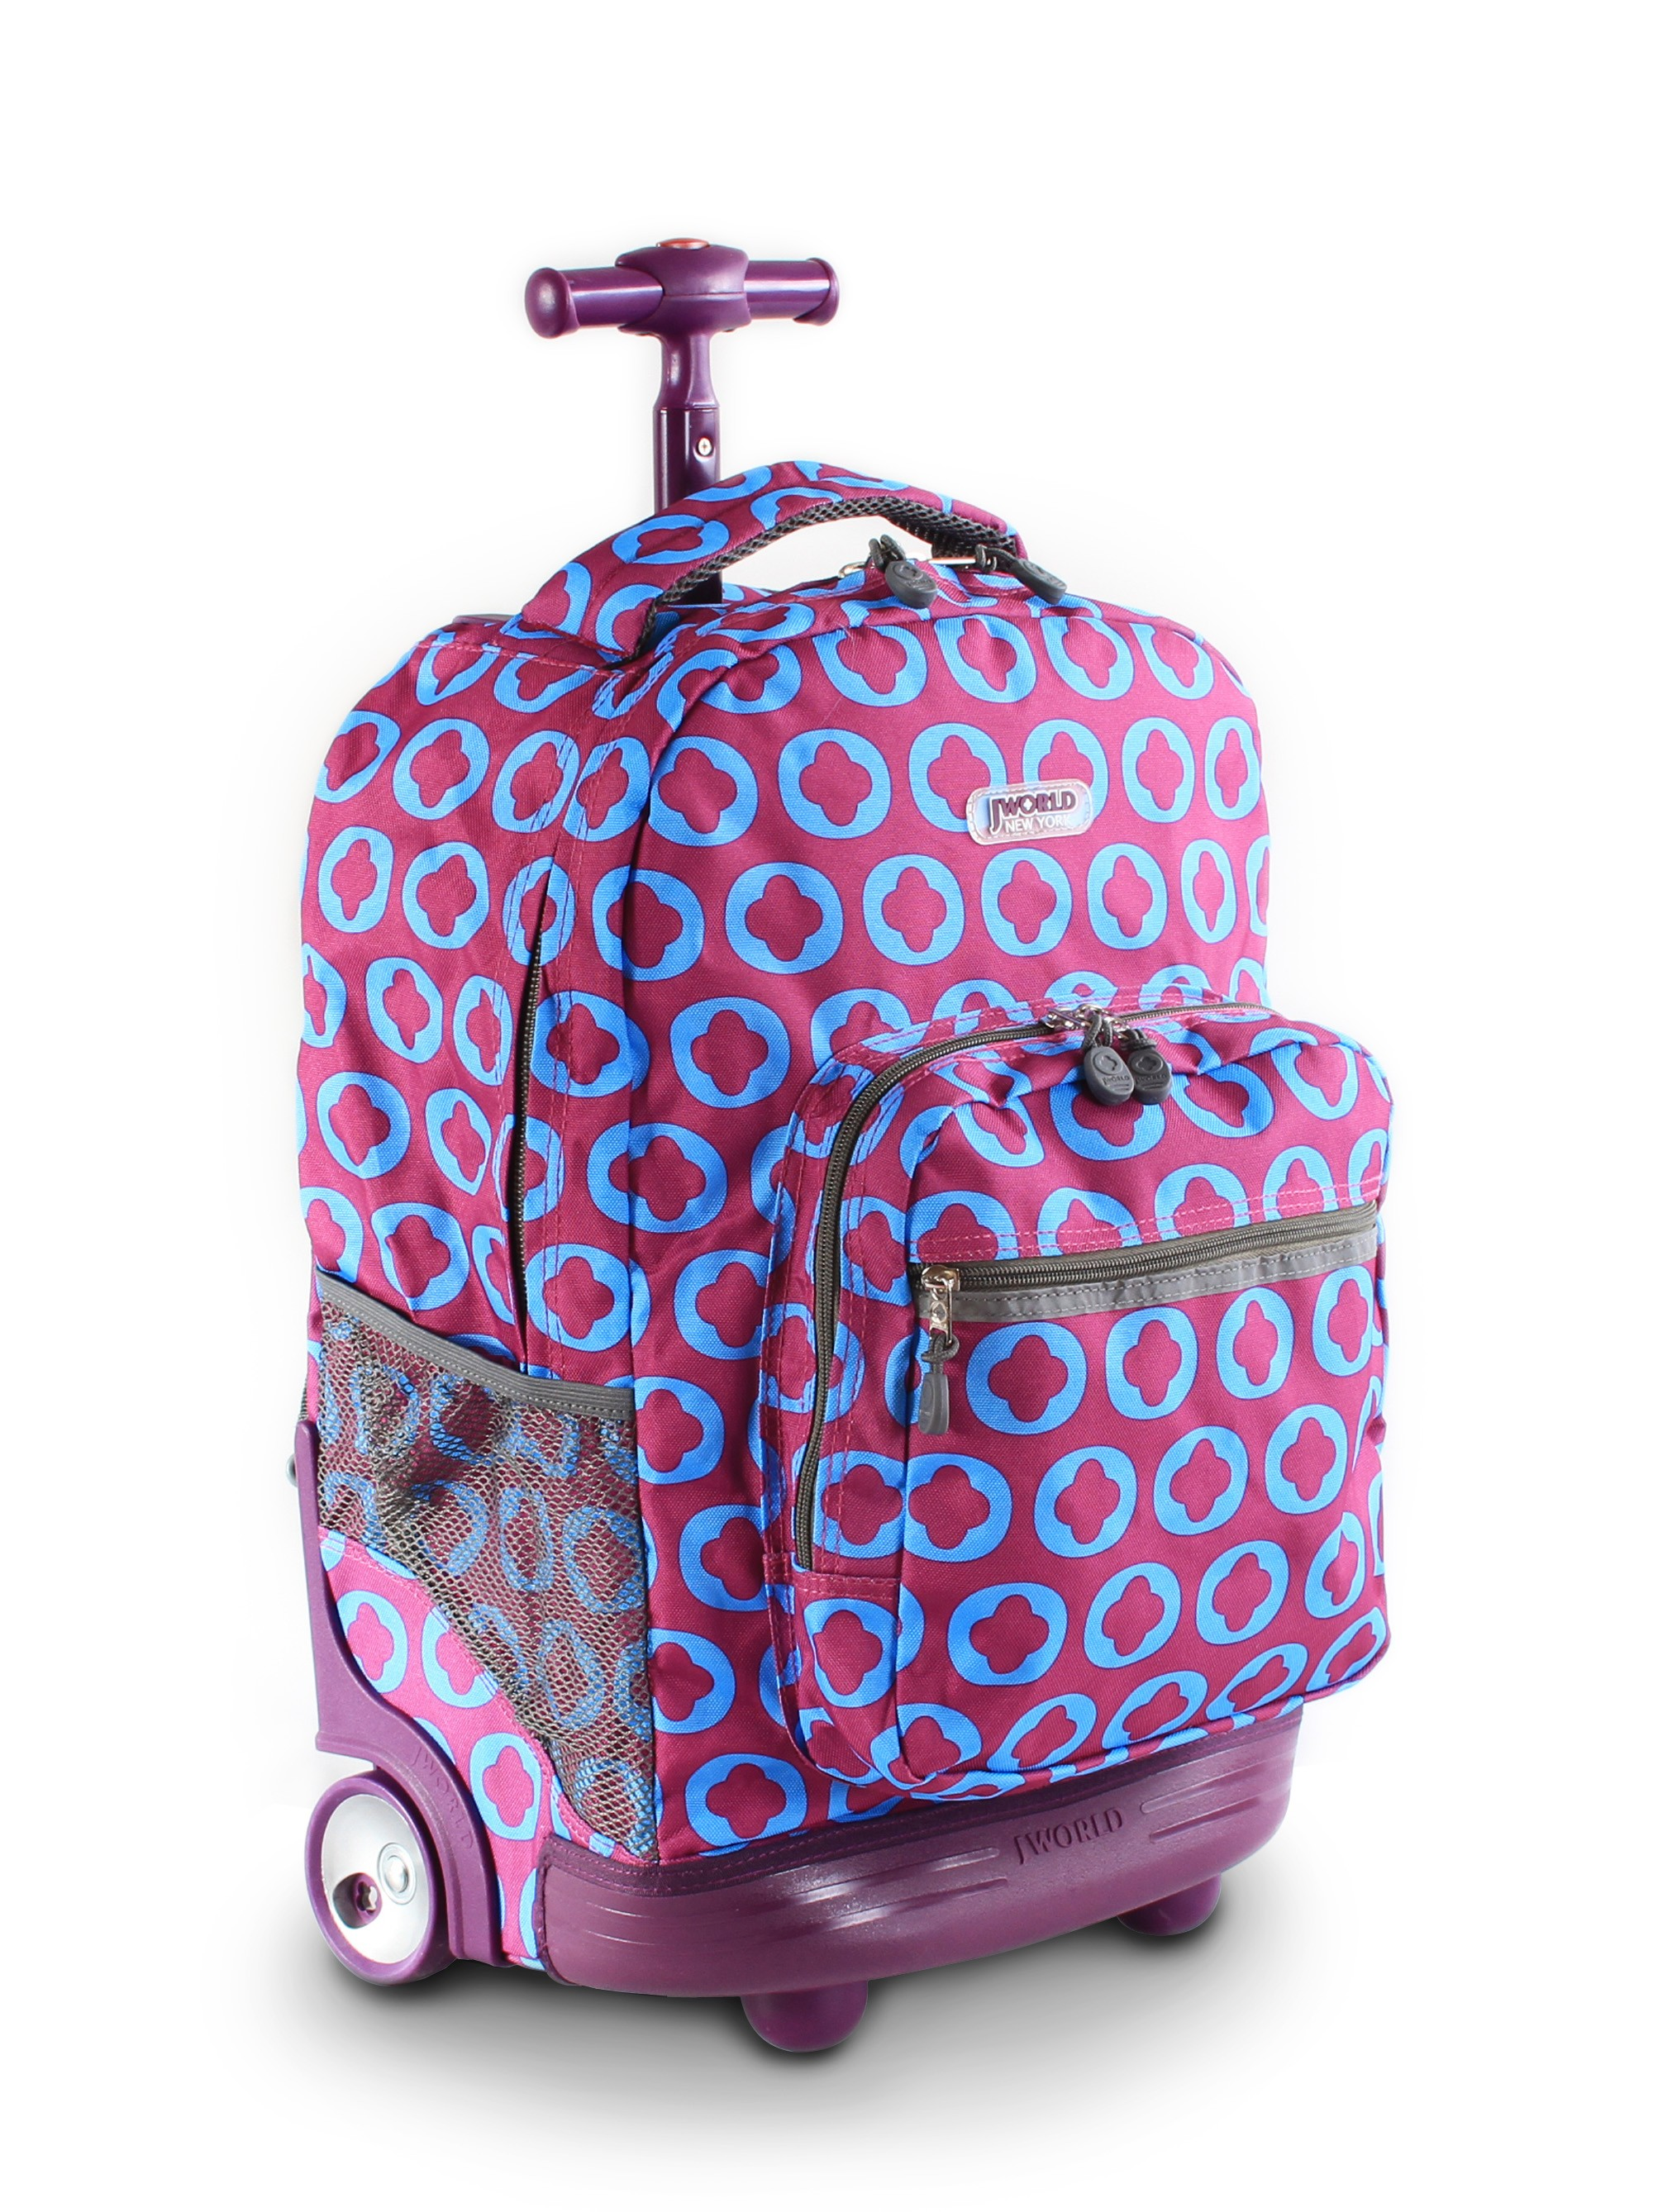 Школьные рюкзаки для девочек на колесиках купить школьный рюкзак белла сара